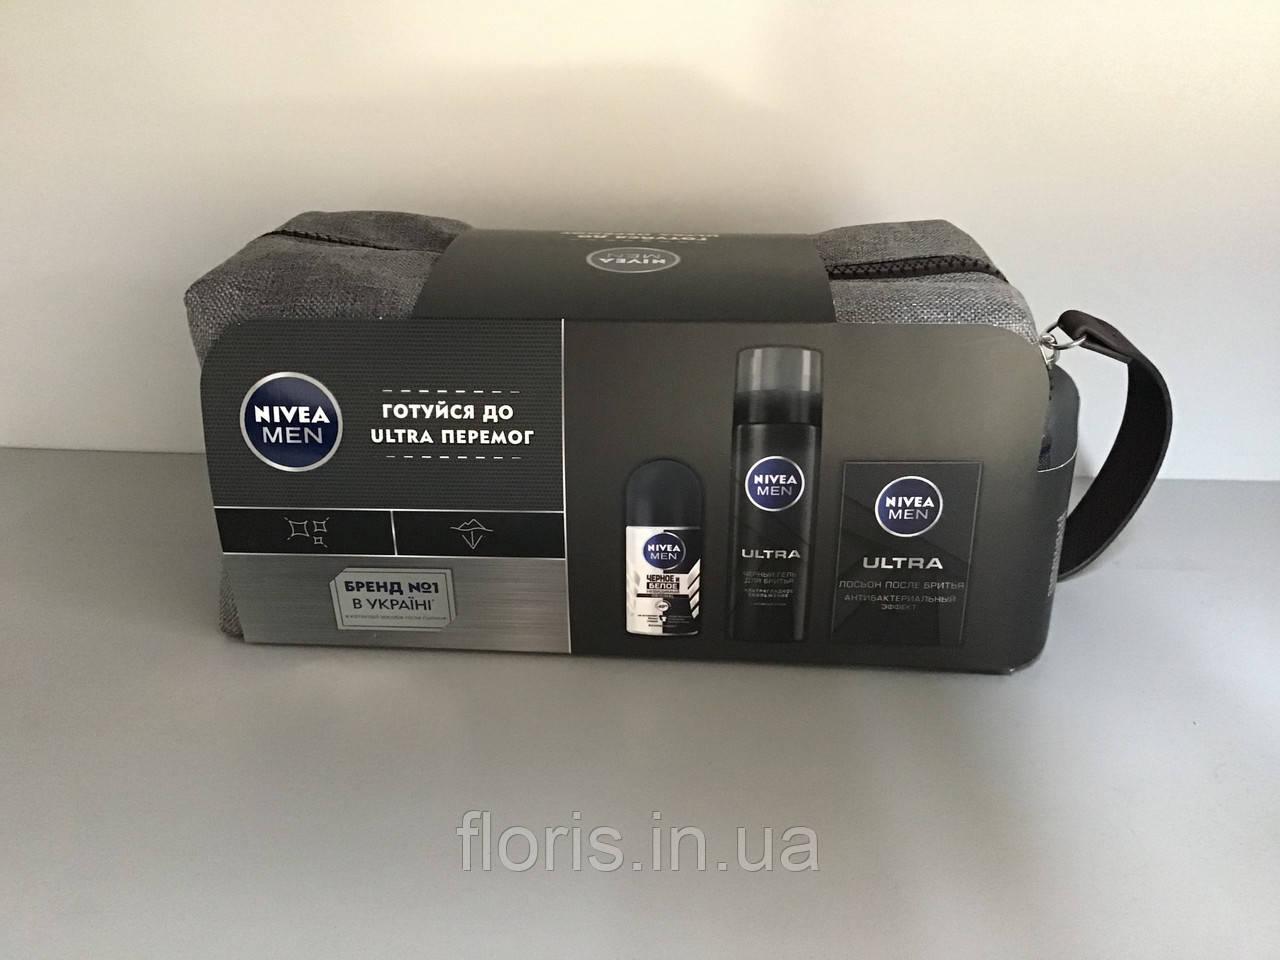 Nivea Men Ultra подарунковий набір для чоловіків 3в1 для чутливої шкіри + сумка (набір)